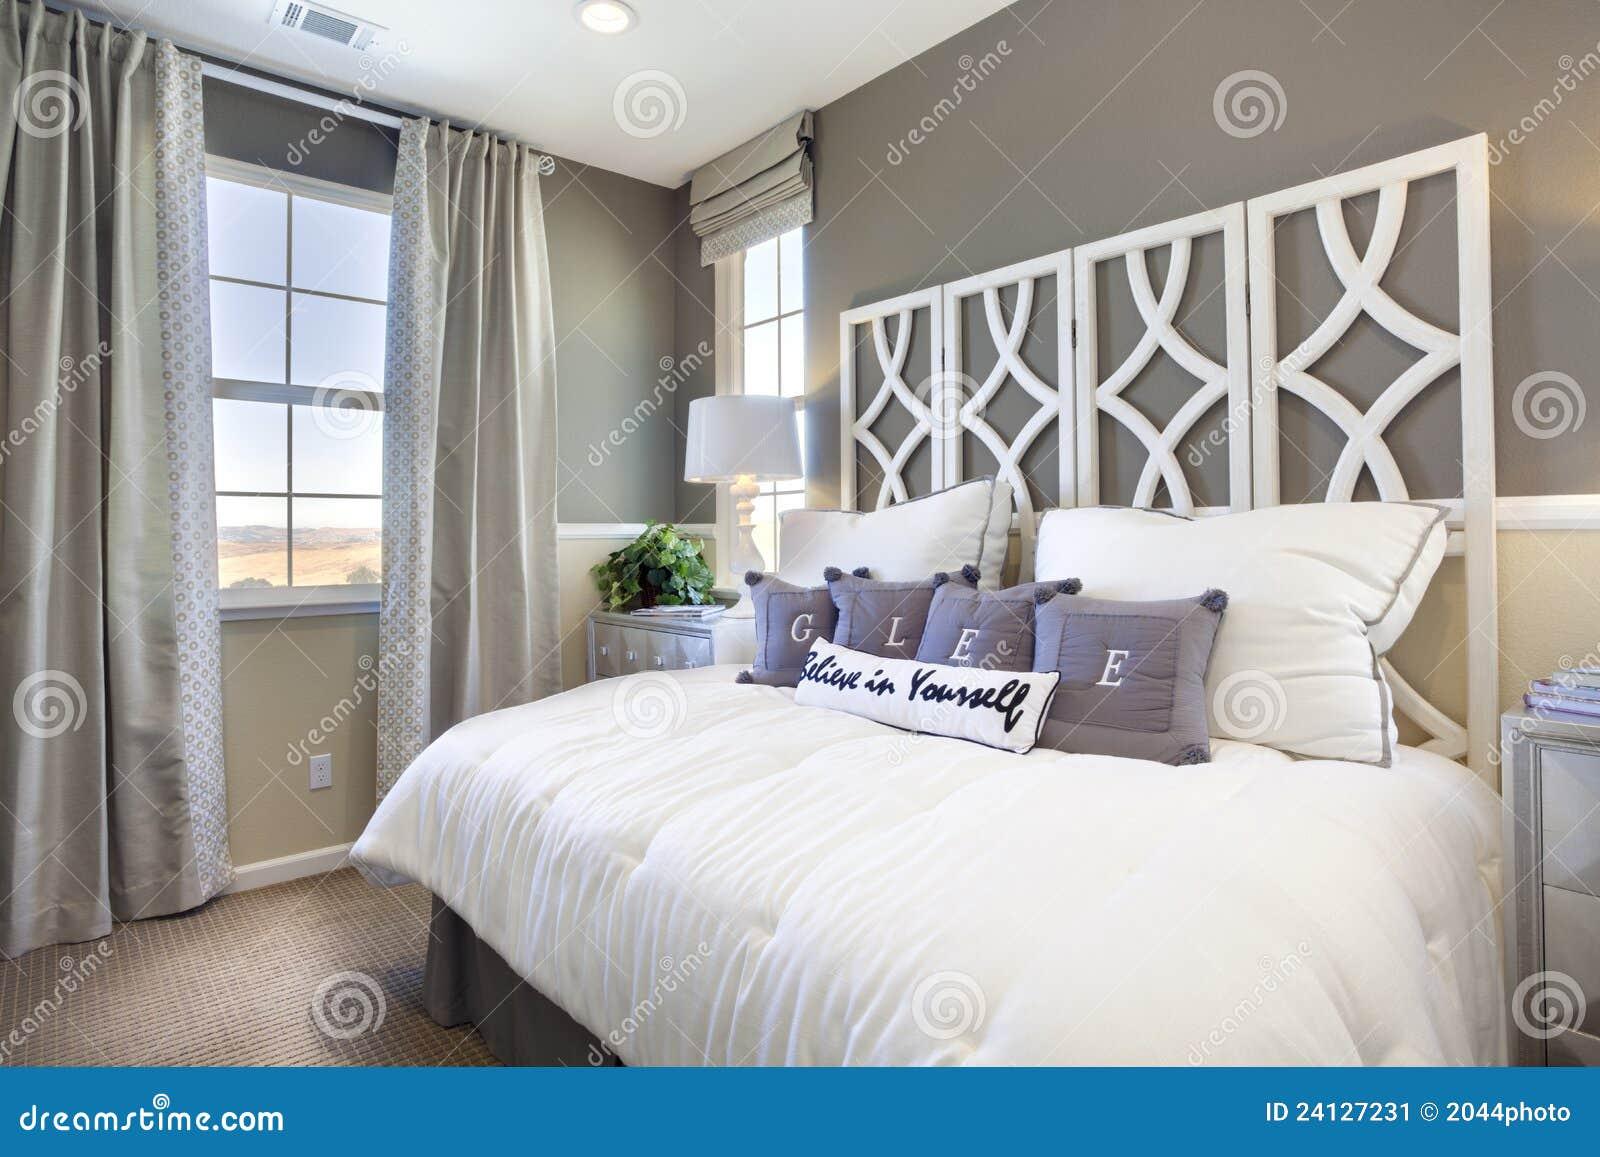 Chambre à Coucher De Maison Modèle - Taupe Et Blanc Image stock ...